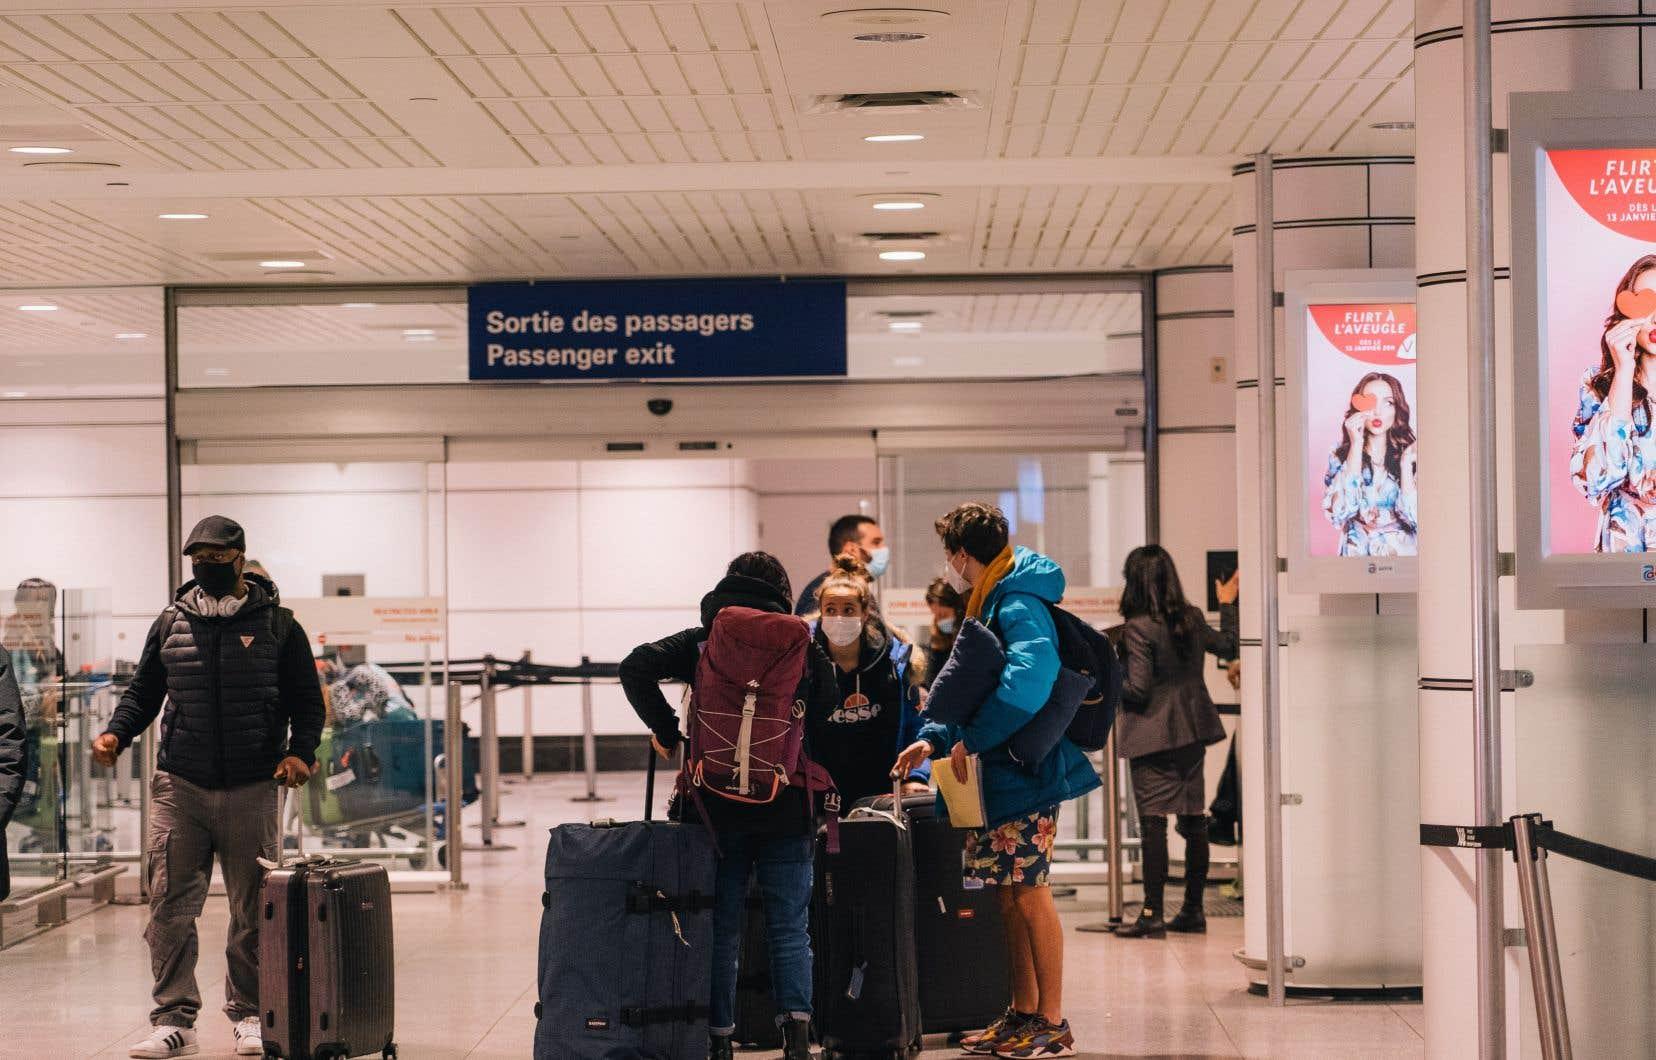 Ottawa a annoncé le 29 janvier dernier que tous les voyageurs devront subir un autre test de dépistage à leur arrivée au pays. En attendant les résultats, ce qui devrait prendre environ trois jours, ils devront s'isoler à l'hôtel à leurs frais.